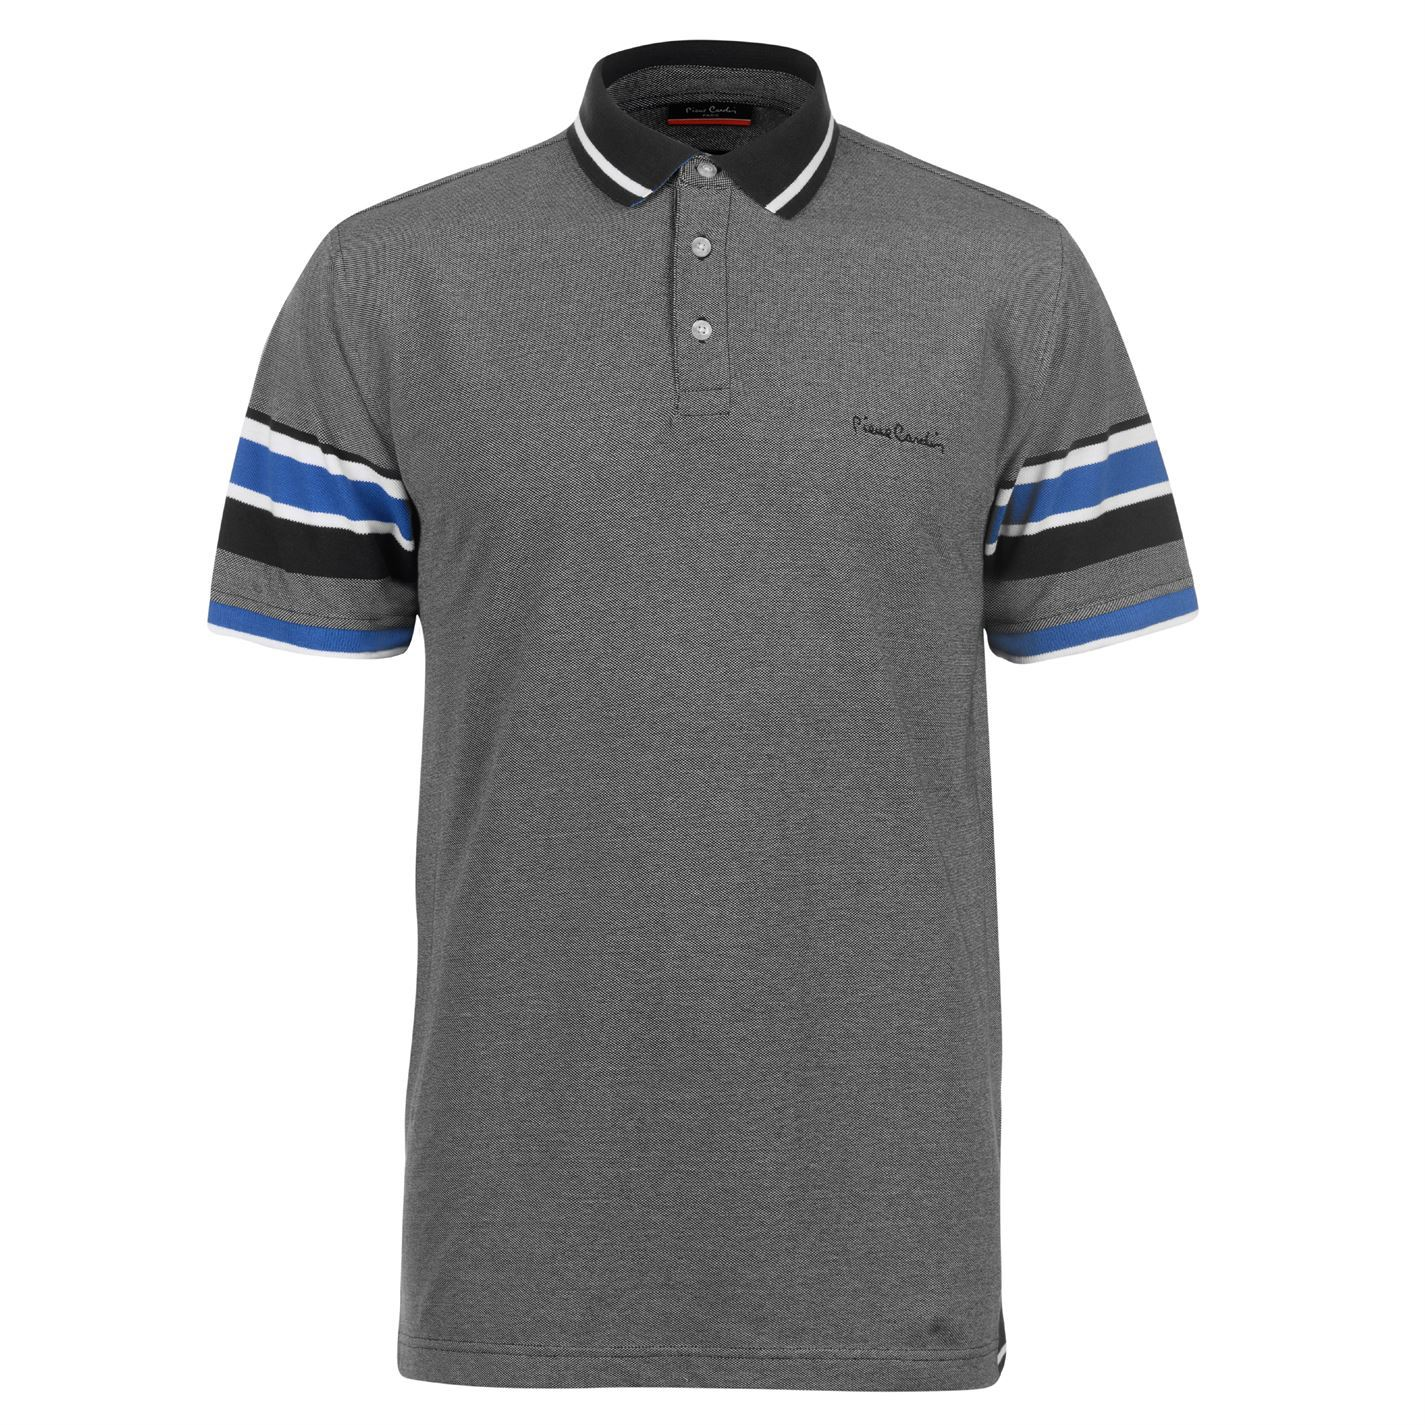 Pierre Cardin Yarn Dye Tipped Polo Shirt Mens Top Tee Casual T Shirt